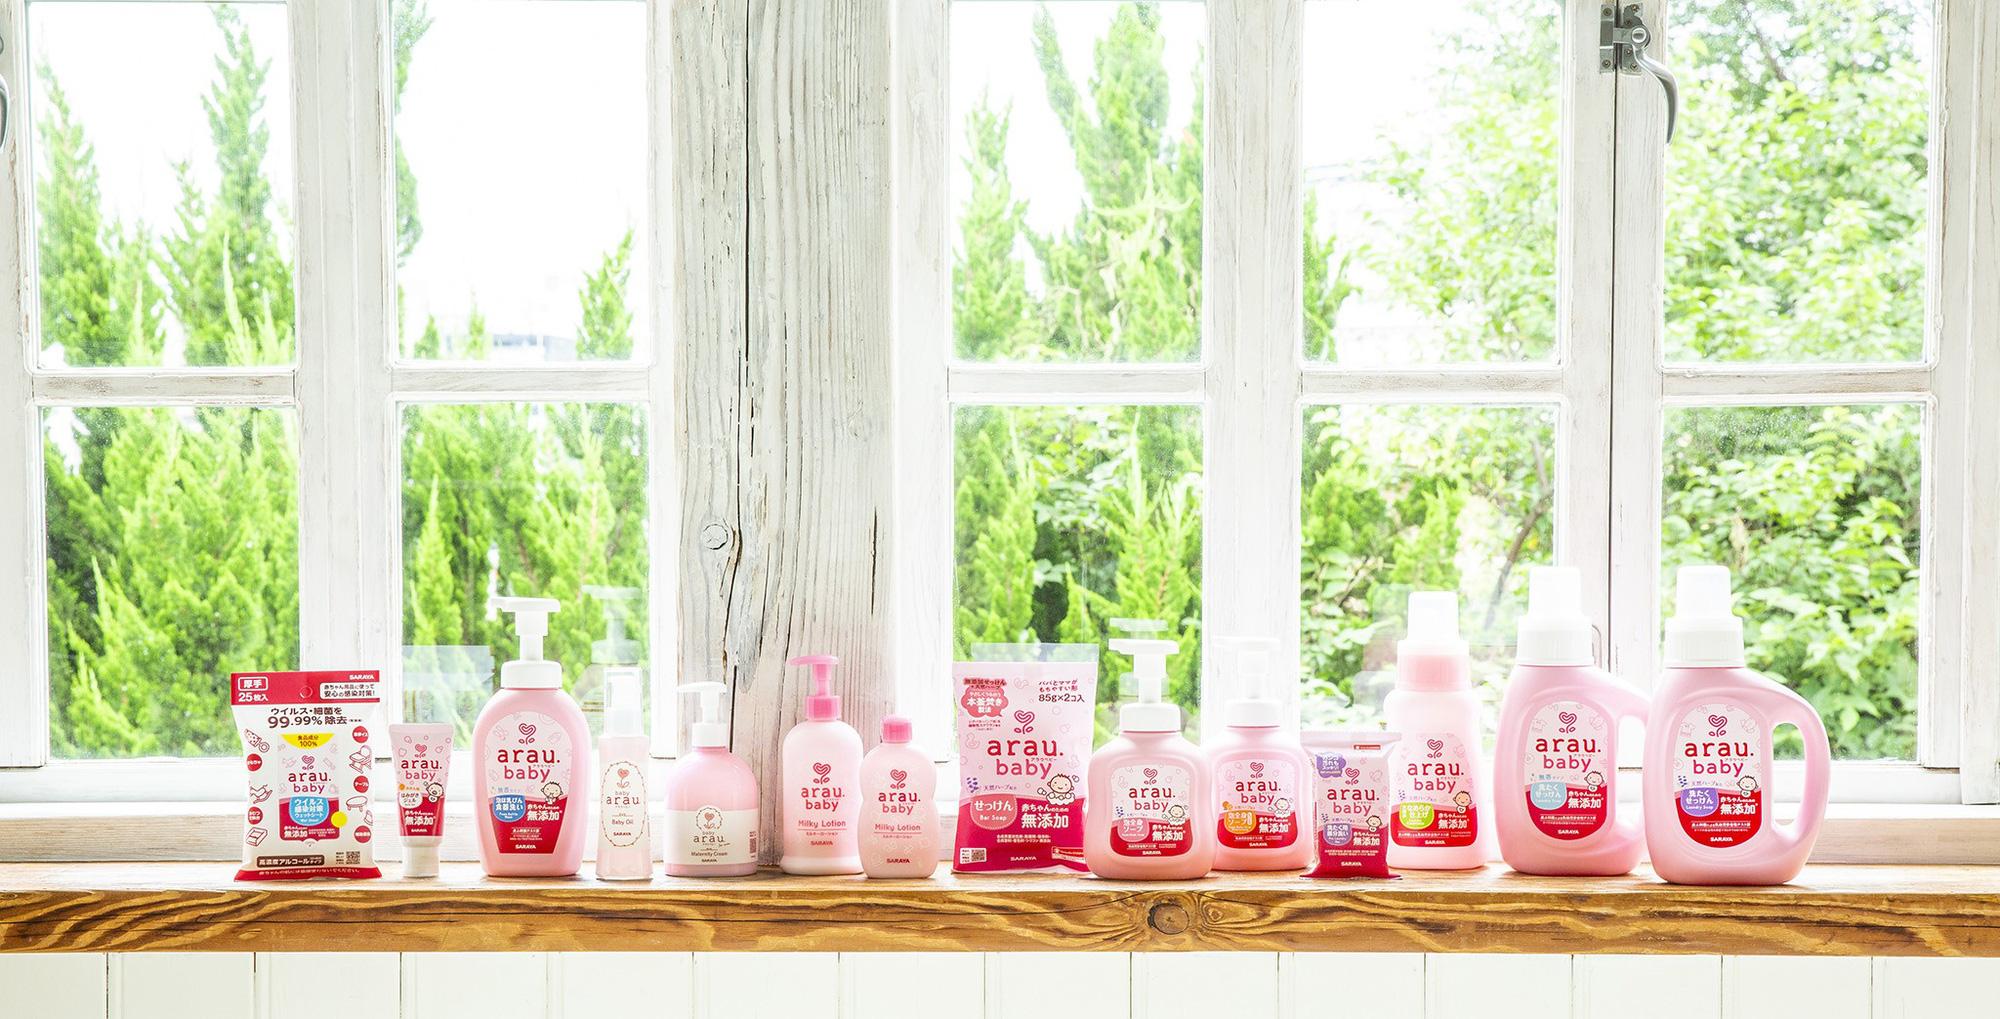 Arau Baby - thương hiệu chăm sóc bé cao cấp đến từ Nhật Bản ra mắt diện mạo mới - Ảnh 1.